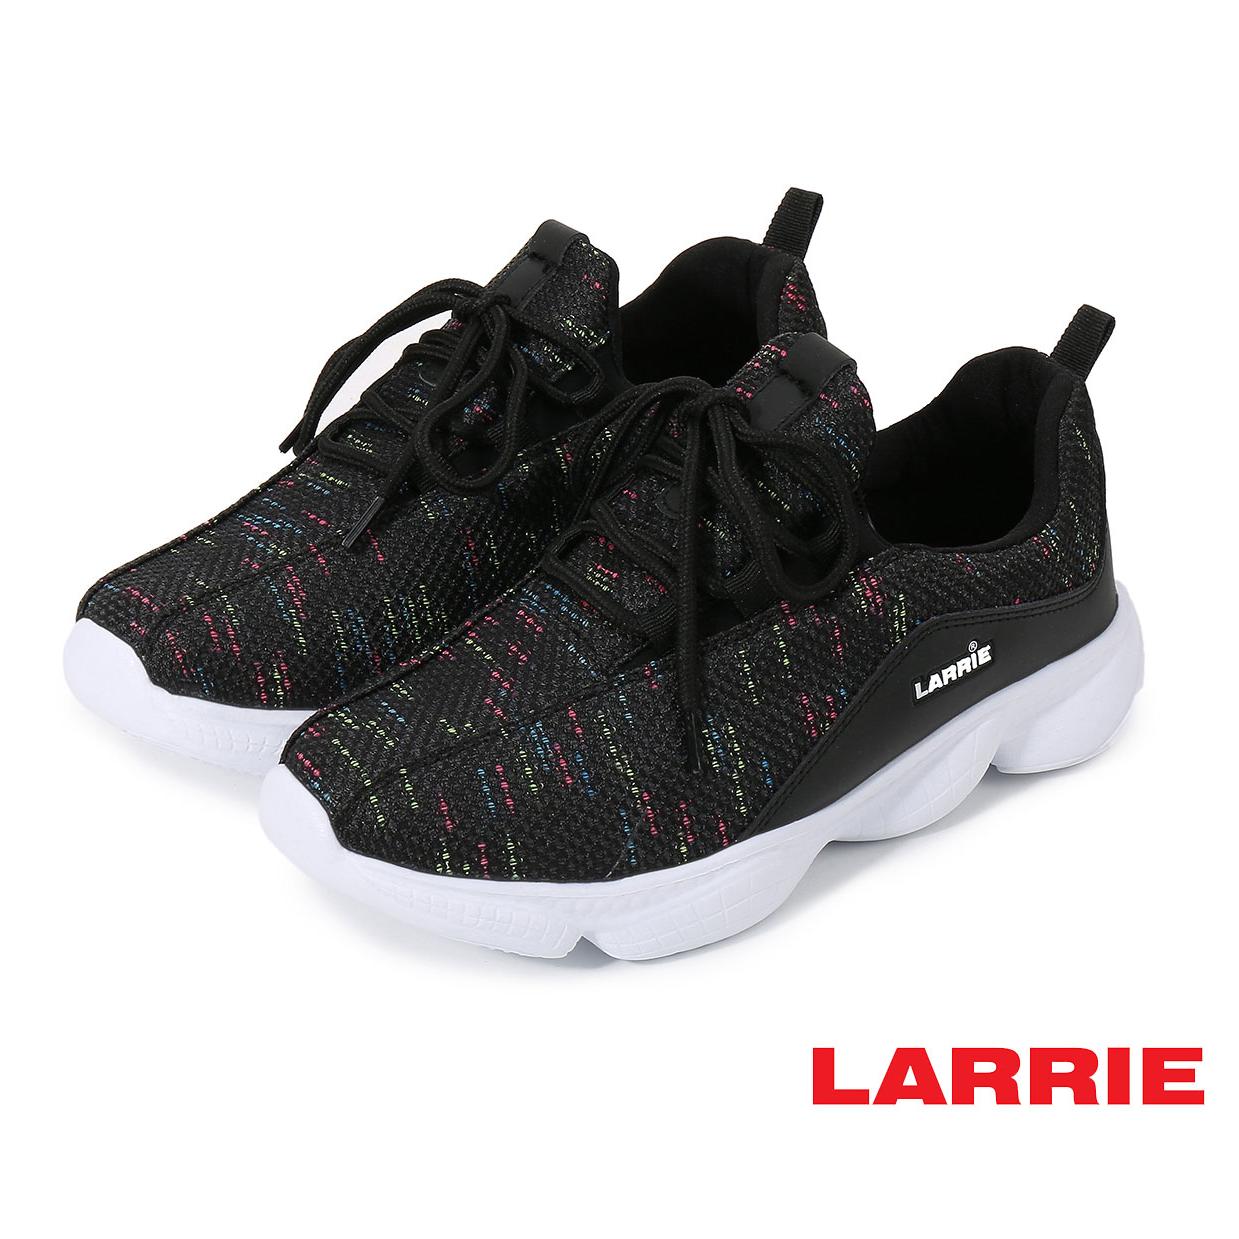 Larrie Black Lace Up Lightweight Sporty Sneaker - L61915-KN01SV-1